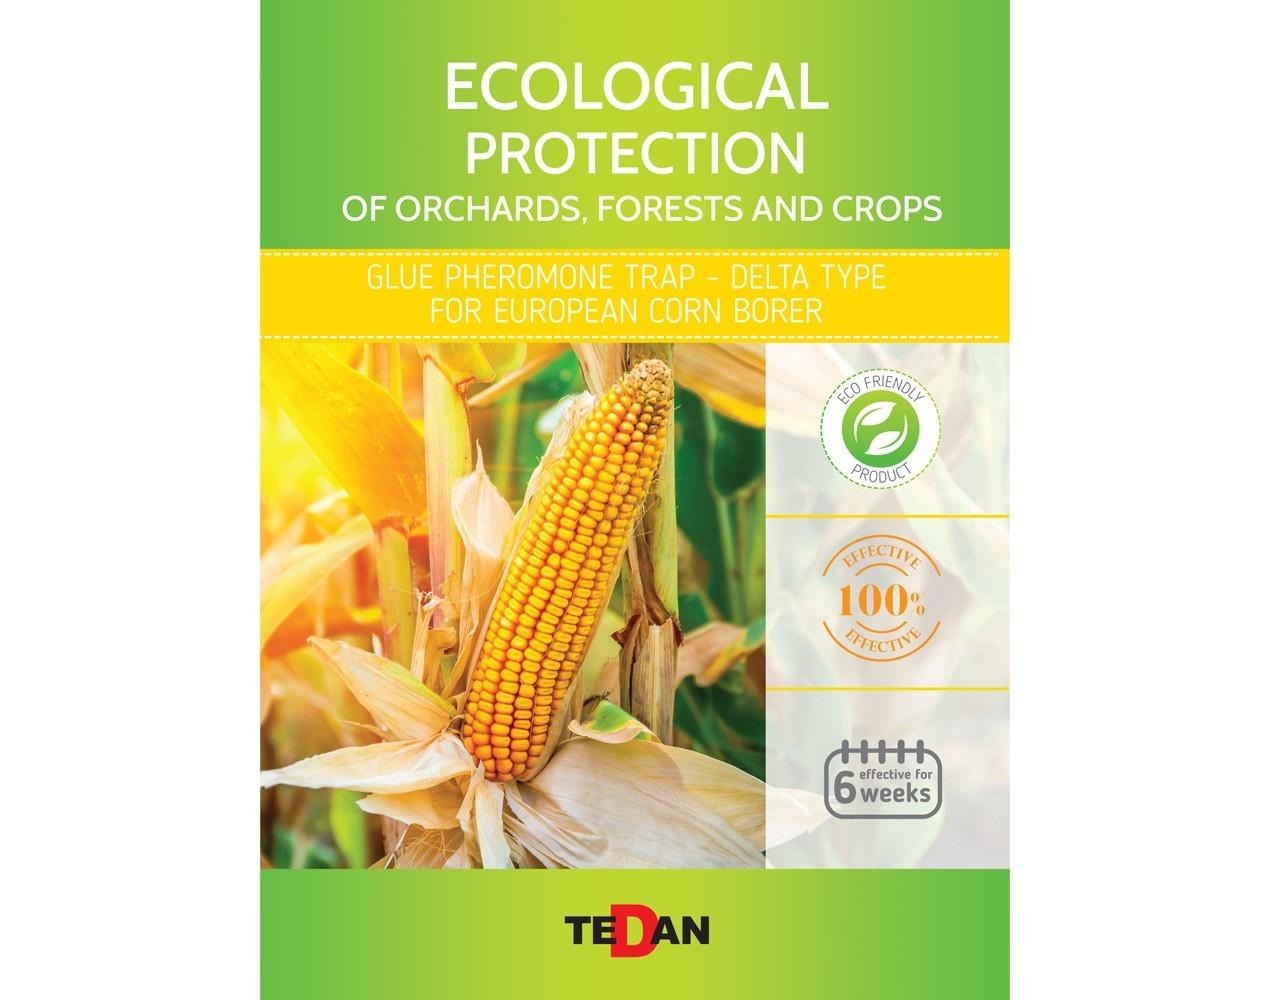 Glue pheromone trap - delta type for European corn borer (Ostrinia nubilalis)